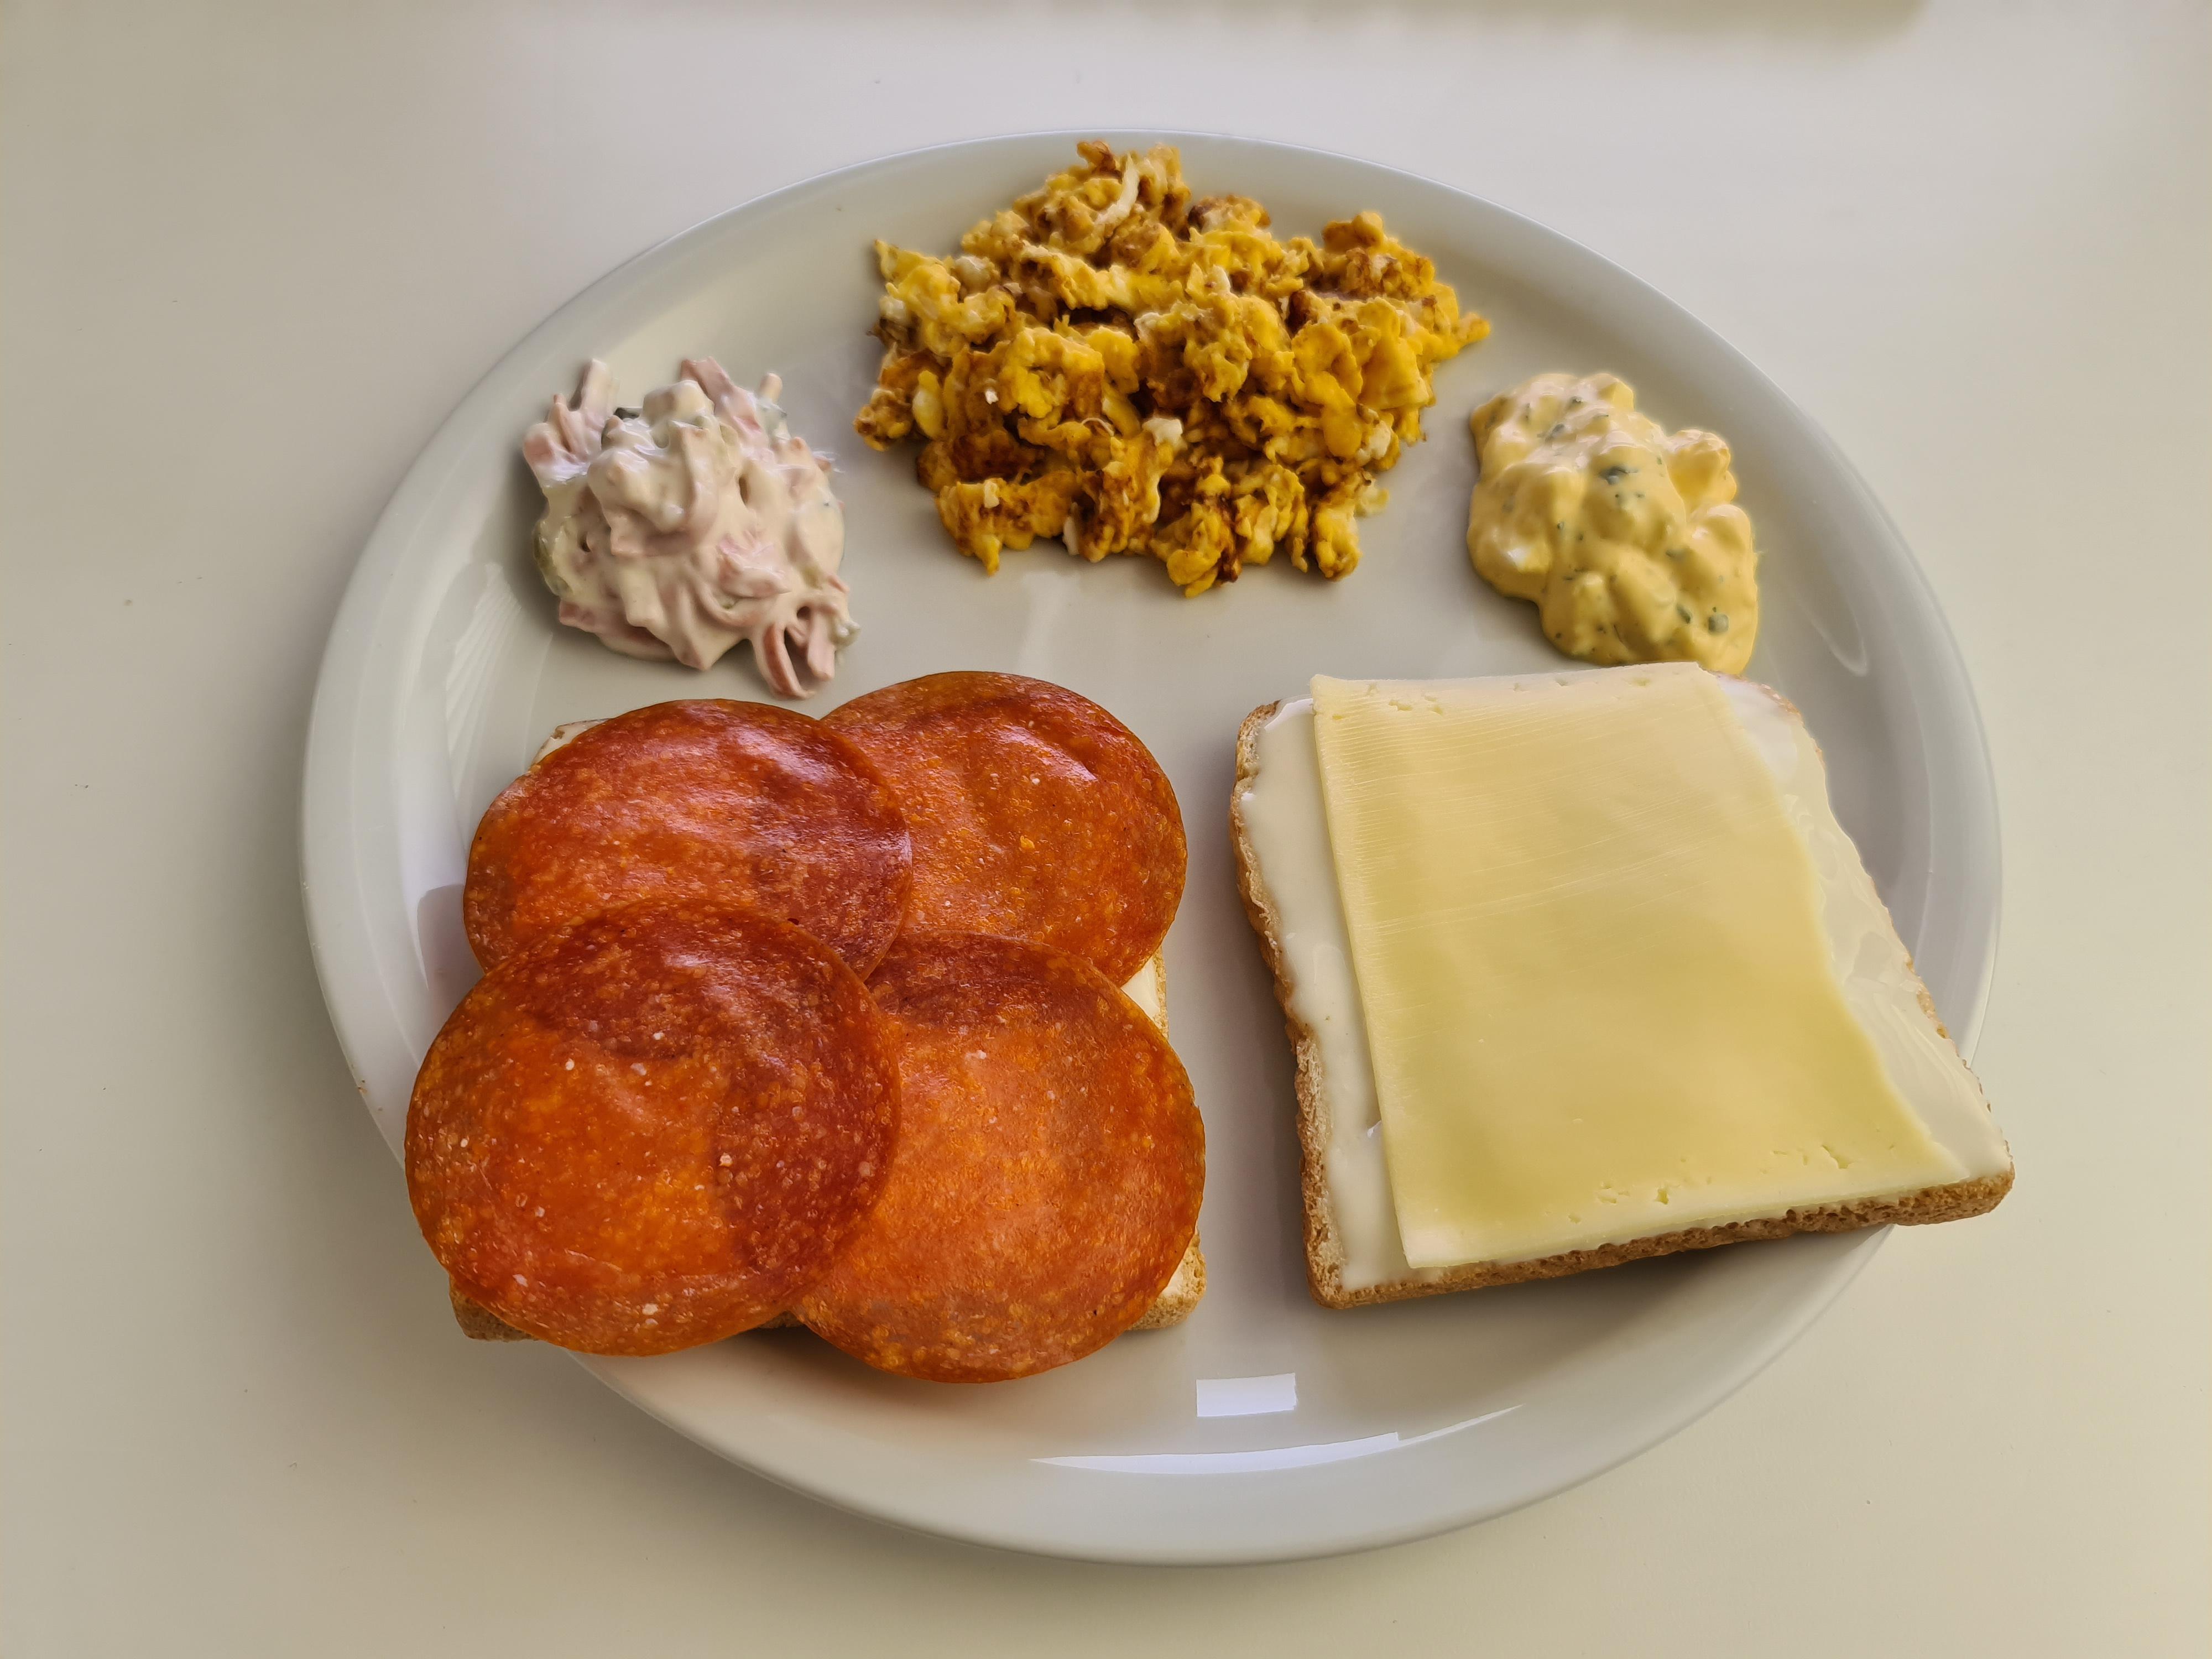 https://foodloader.net/Holz_2020-04-08_Fruehstueck.jpg